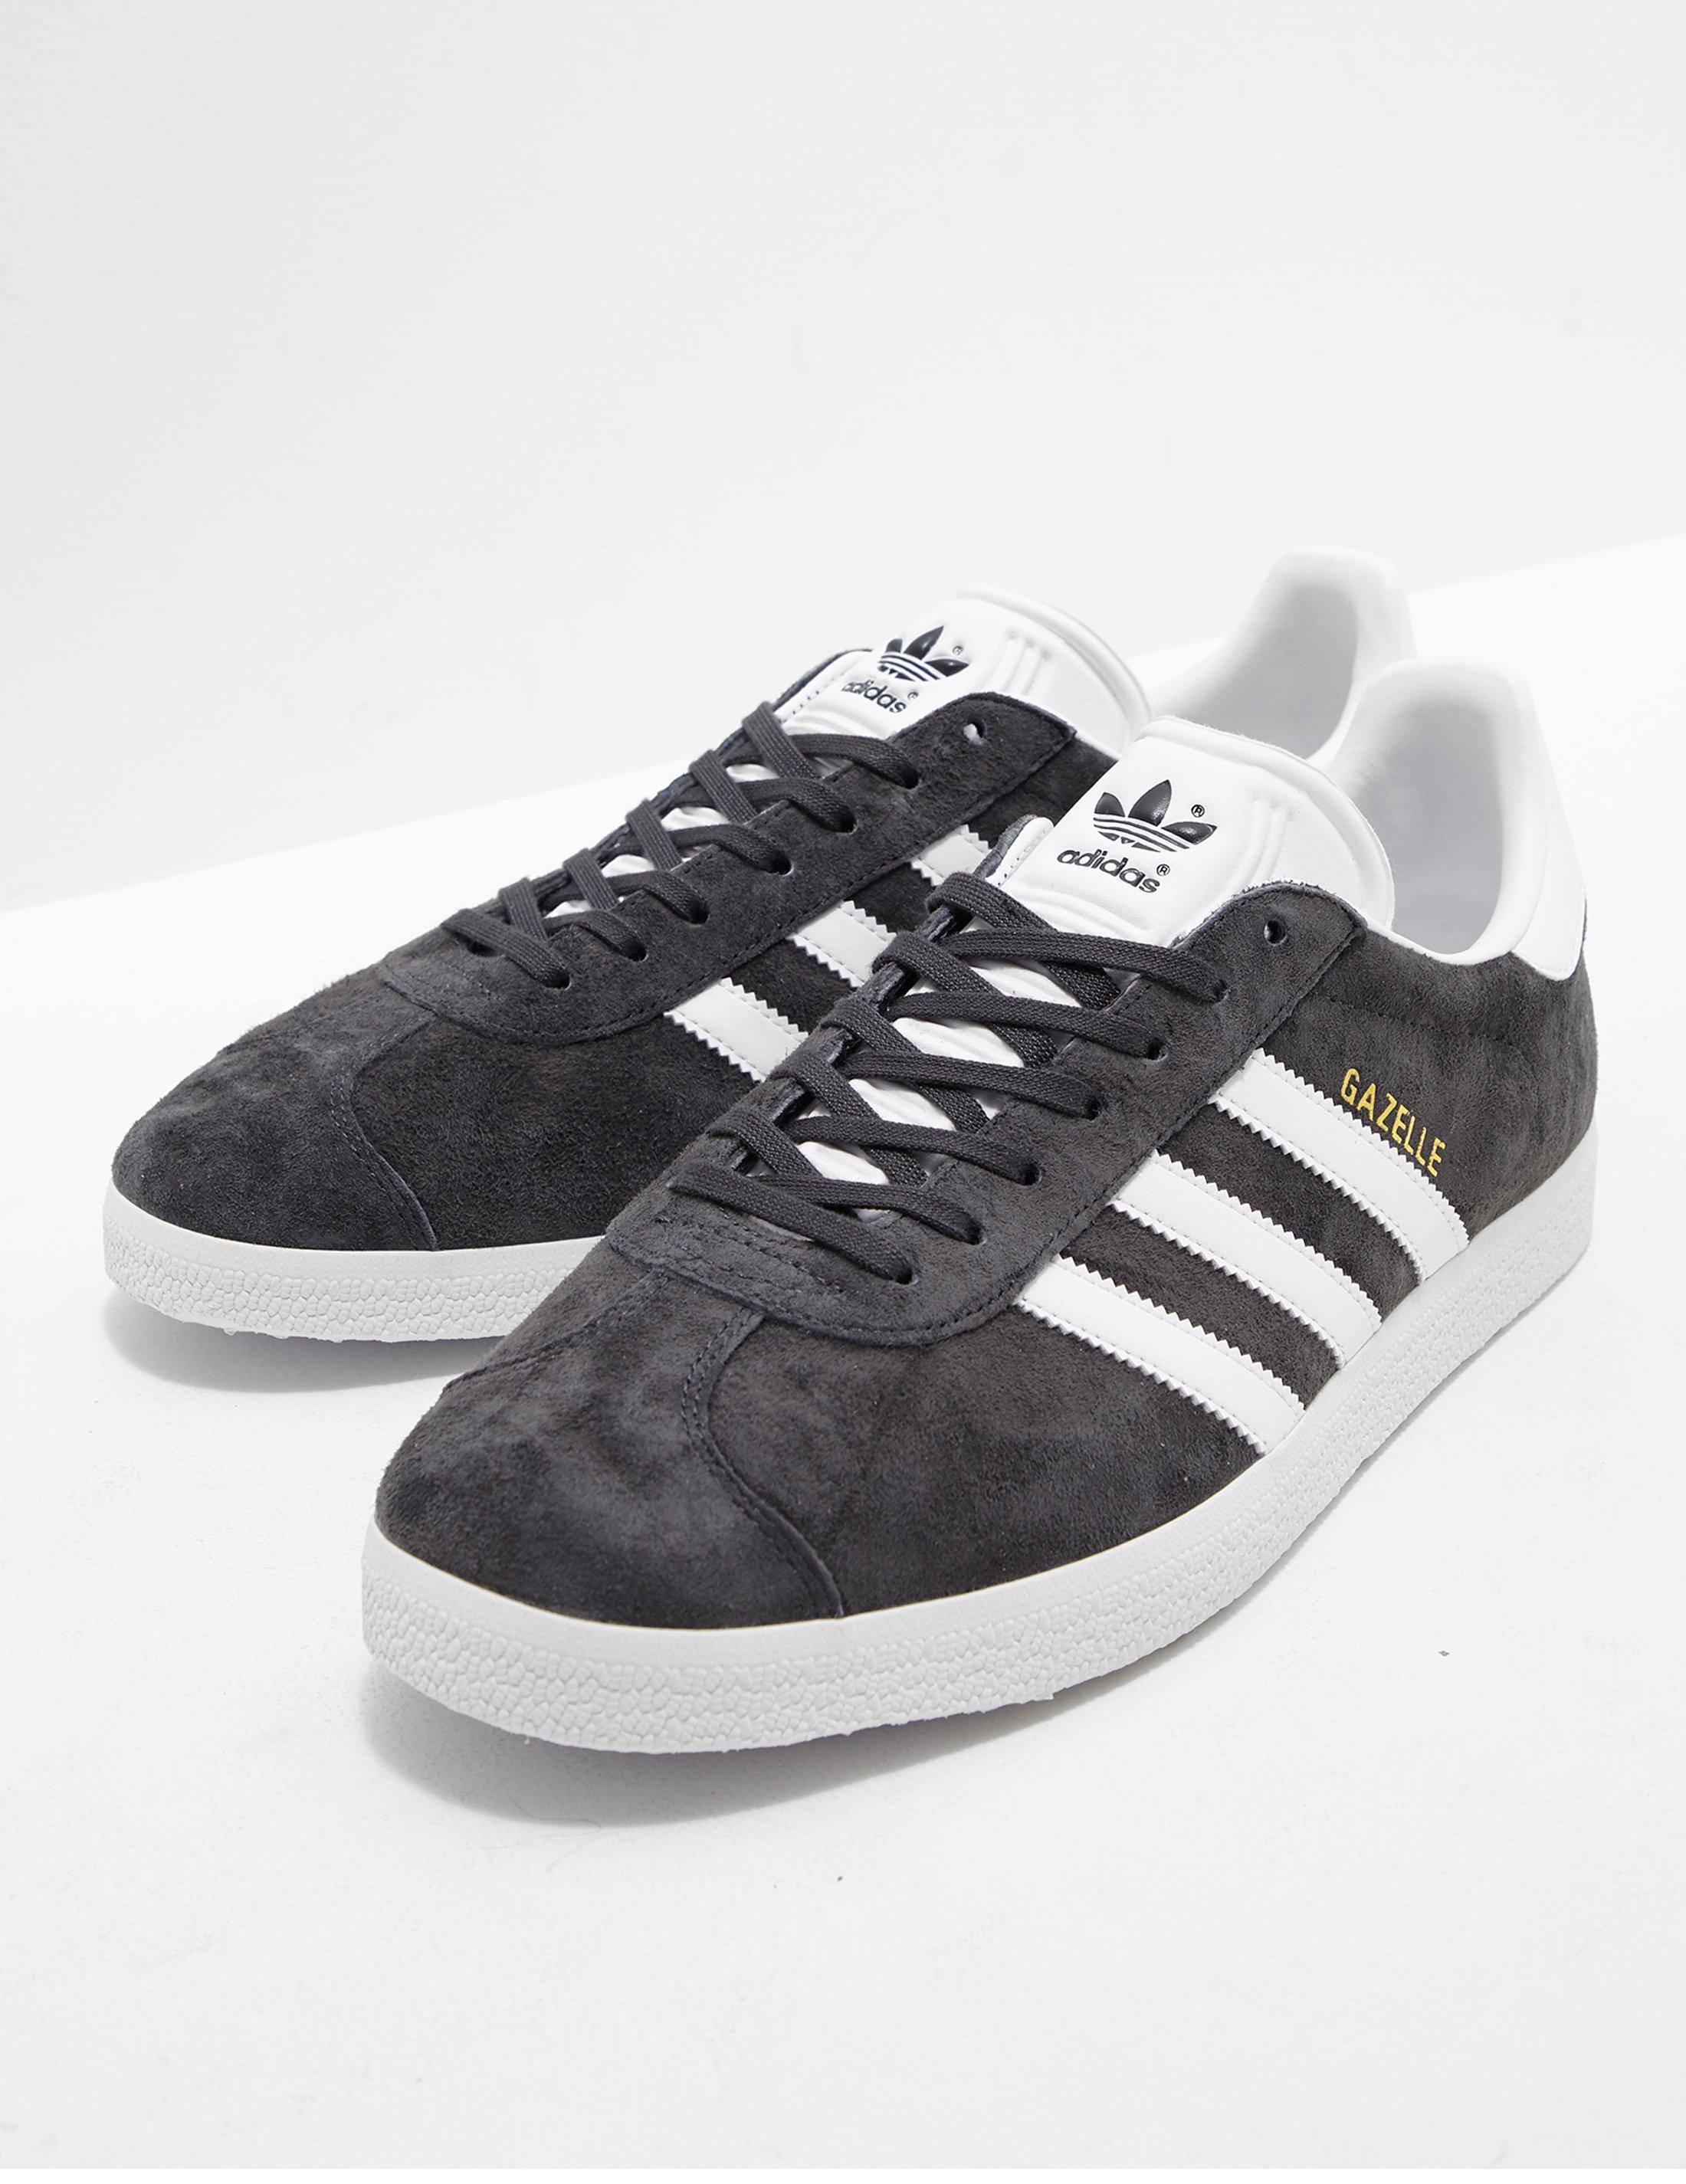 Adidas Originals Gazelle sólido para hombre gris / blanco en gris para hombres Lyst